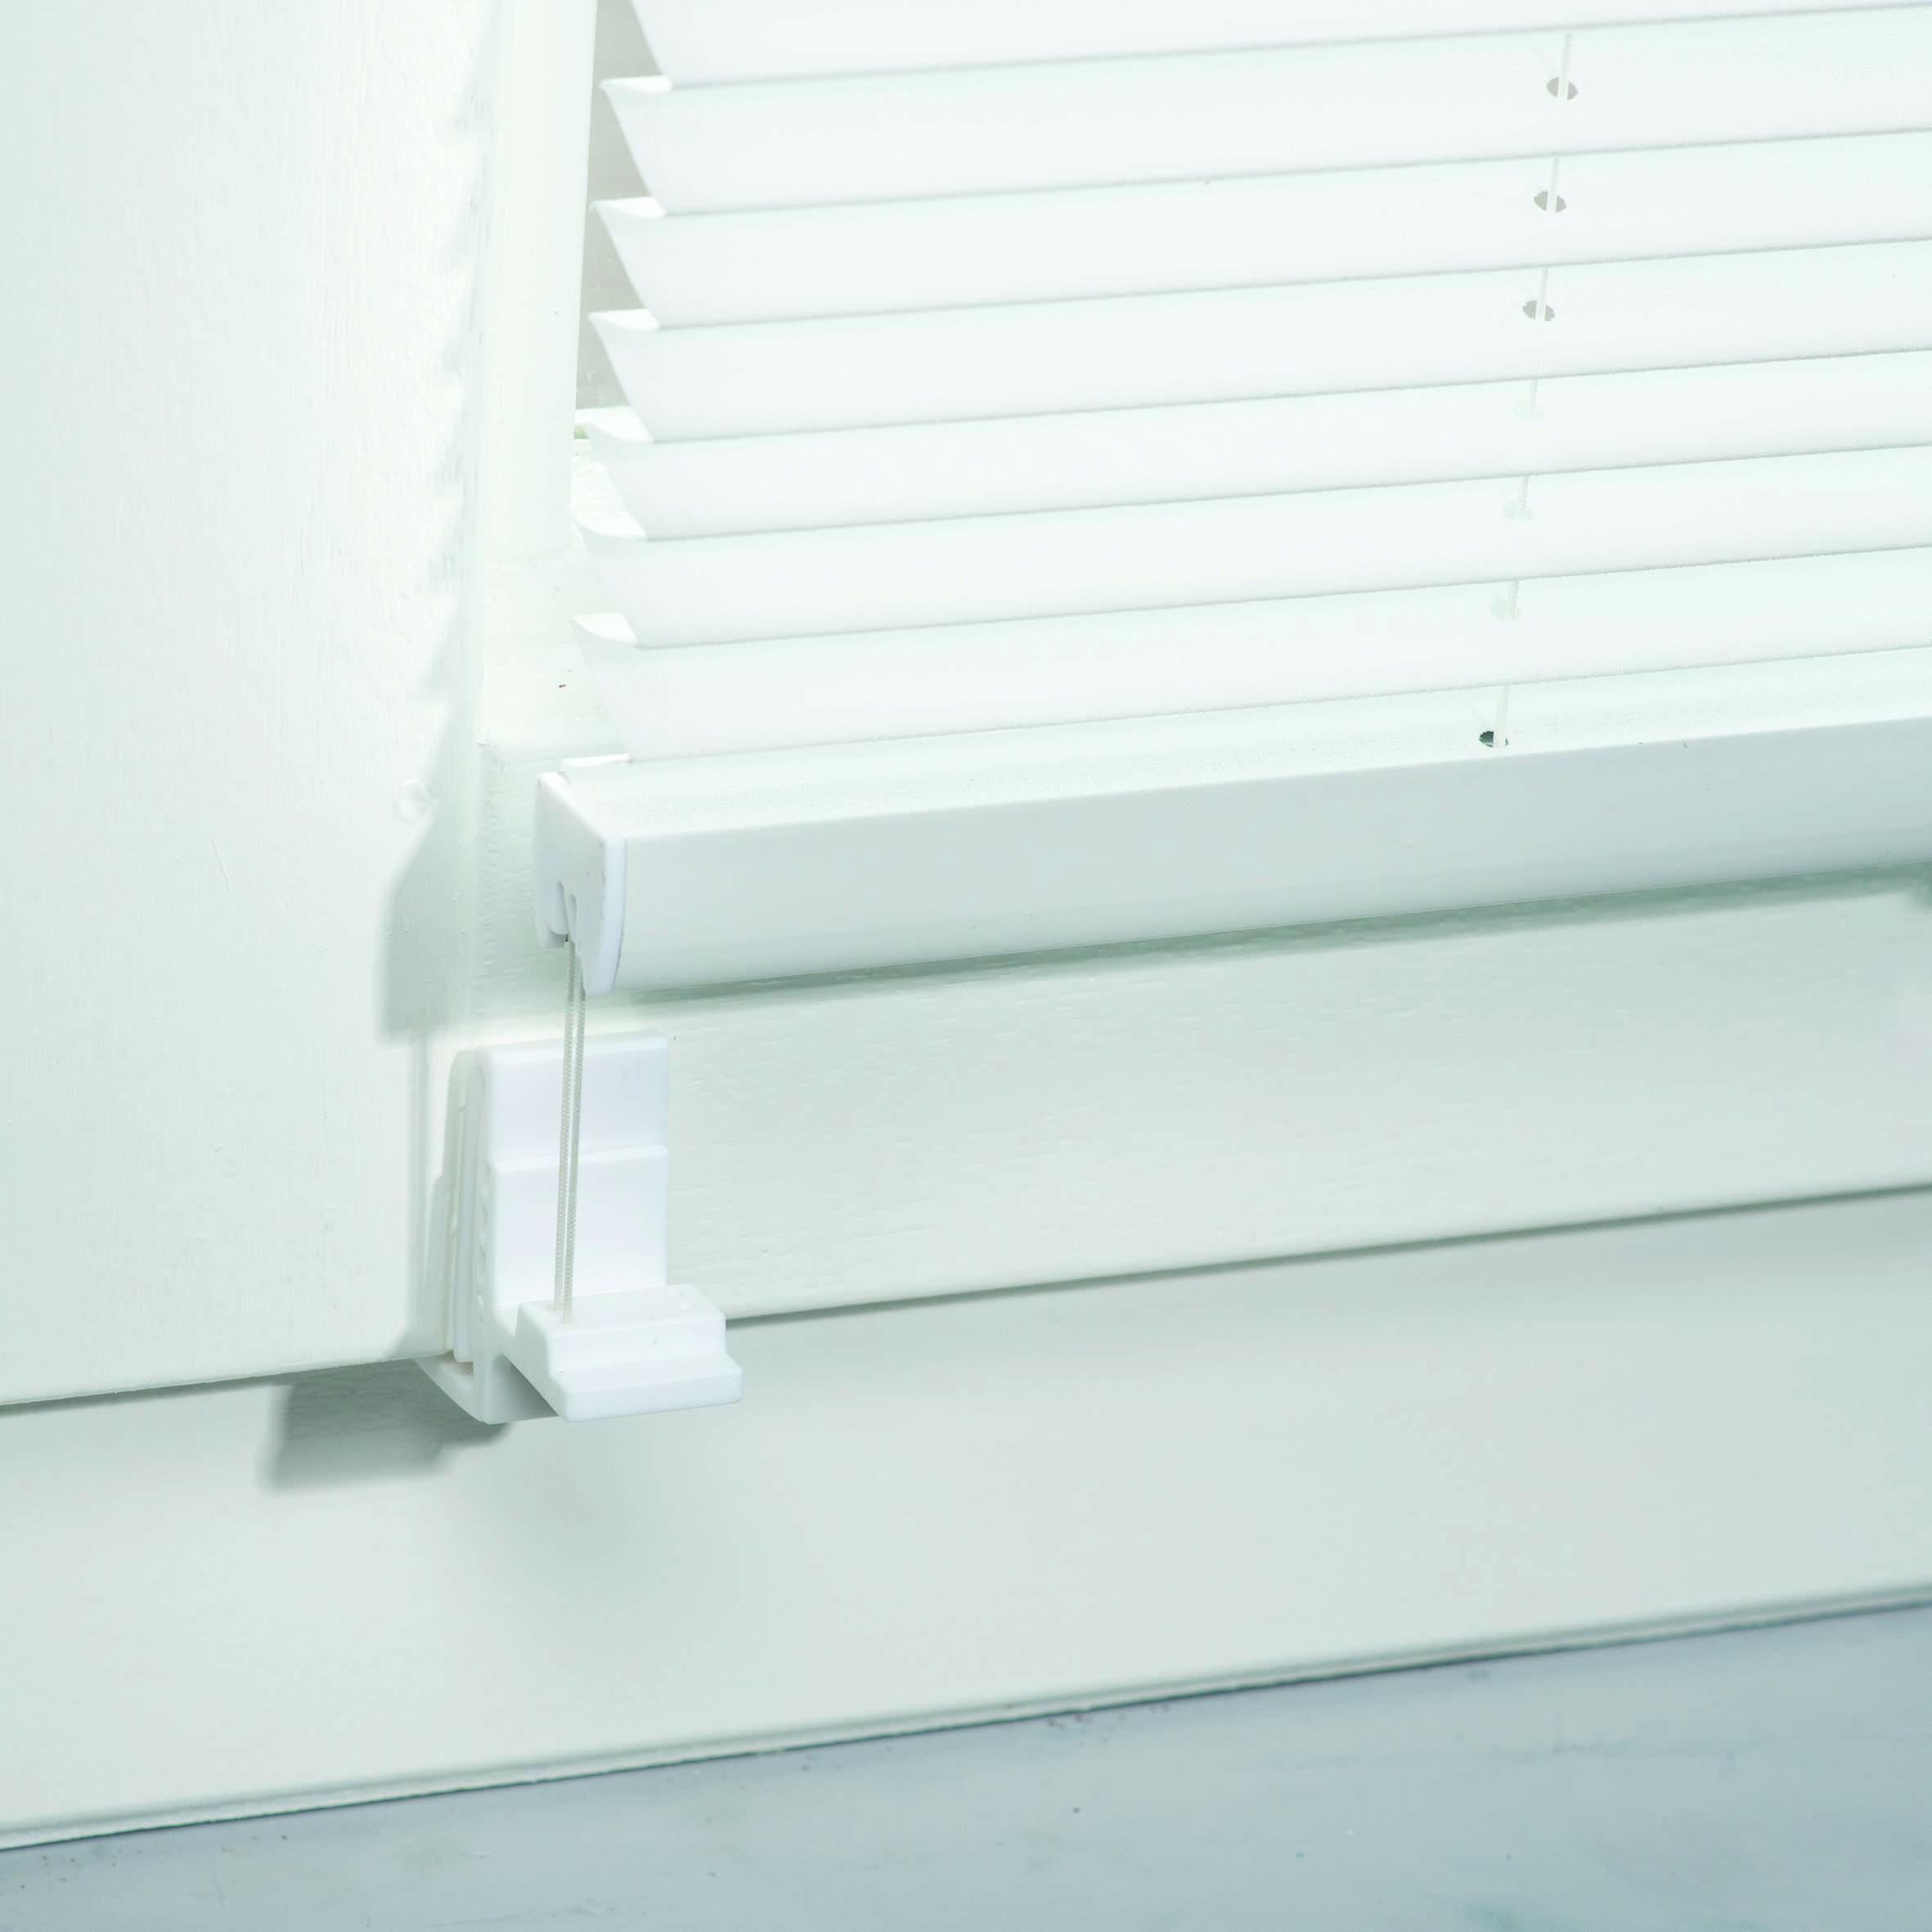 Full Size of Rollos Und Jalousien Anbringen Tipps Tricks Obi Sonnenschutzfolie Fenster Innen Flachdach Insektenschutz Velux Ersatzteile Ebay Insektenschutzrollo Plissee Wohnzimmer Jalousie Innen Fenster